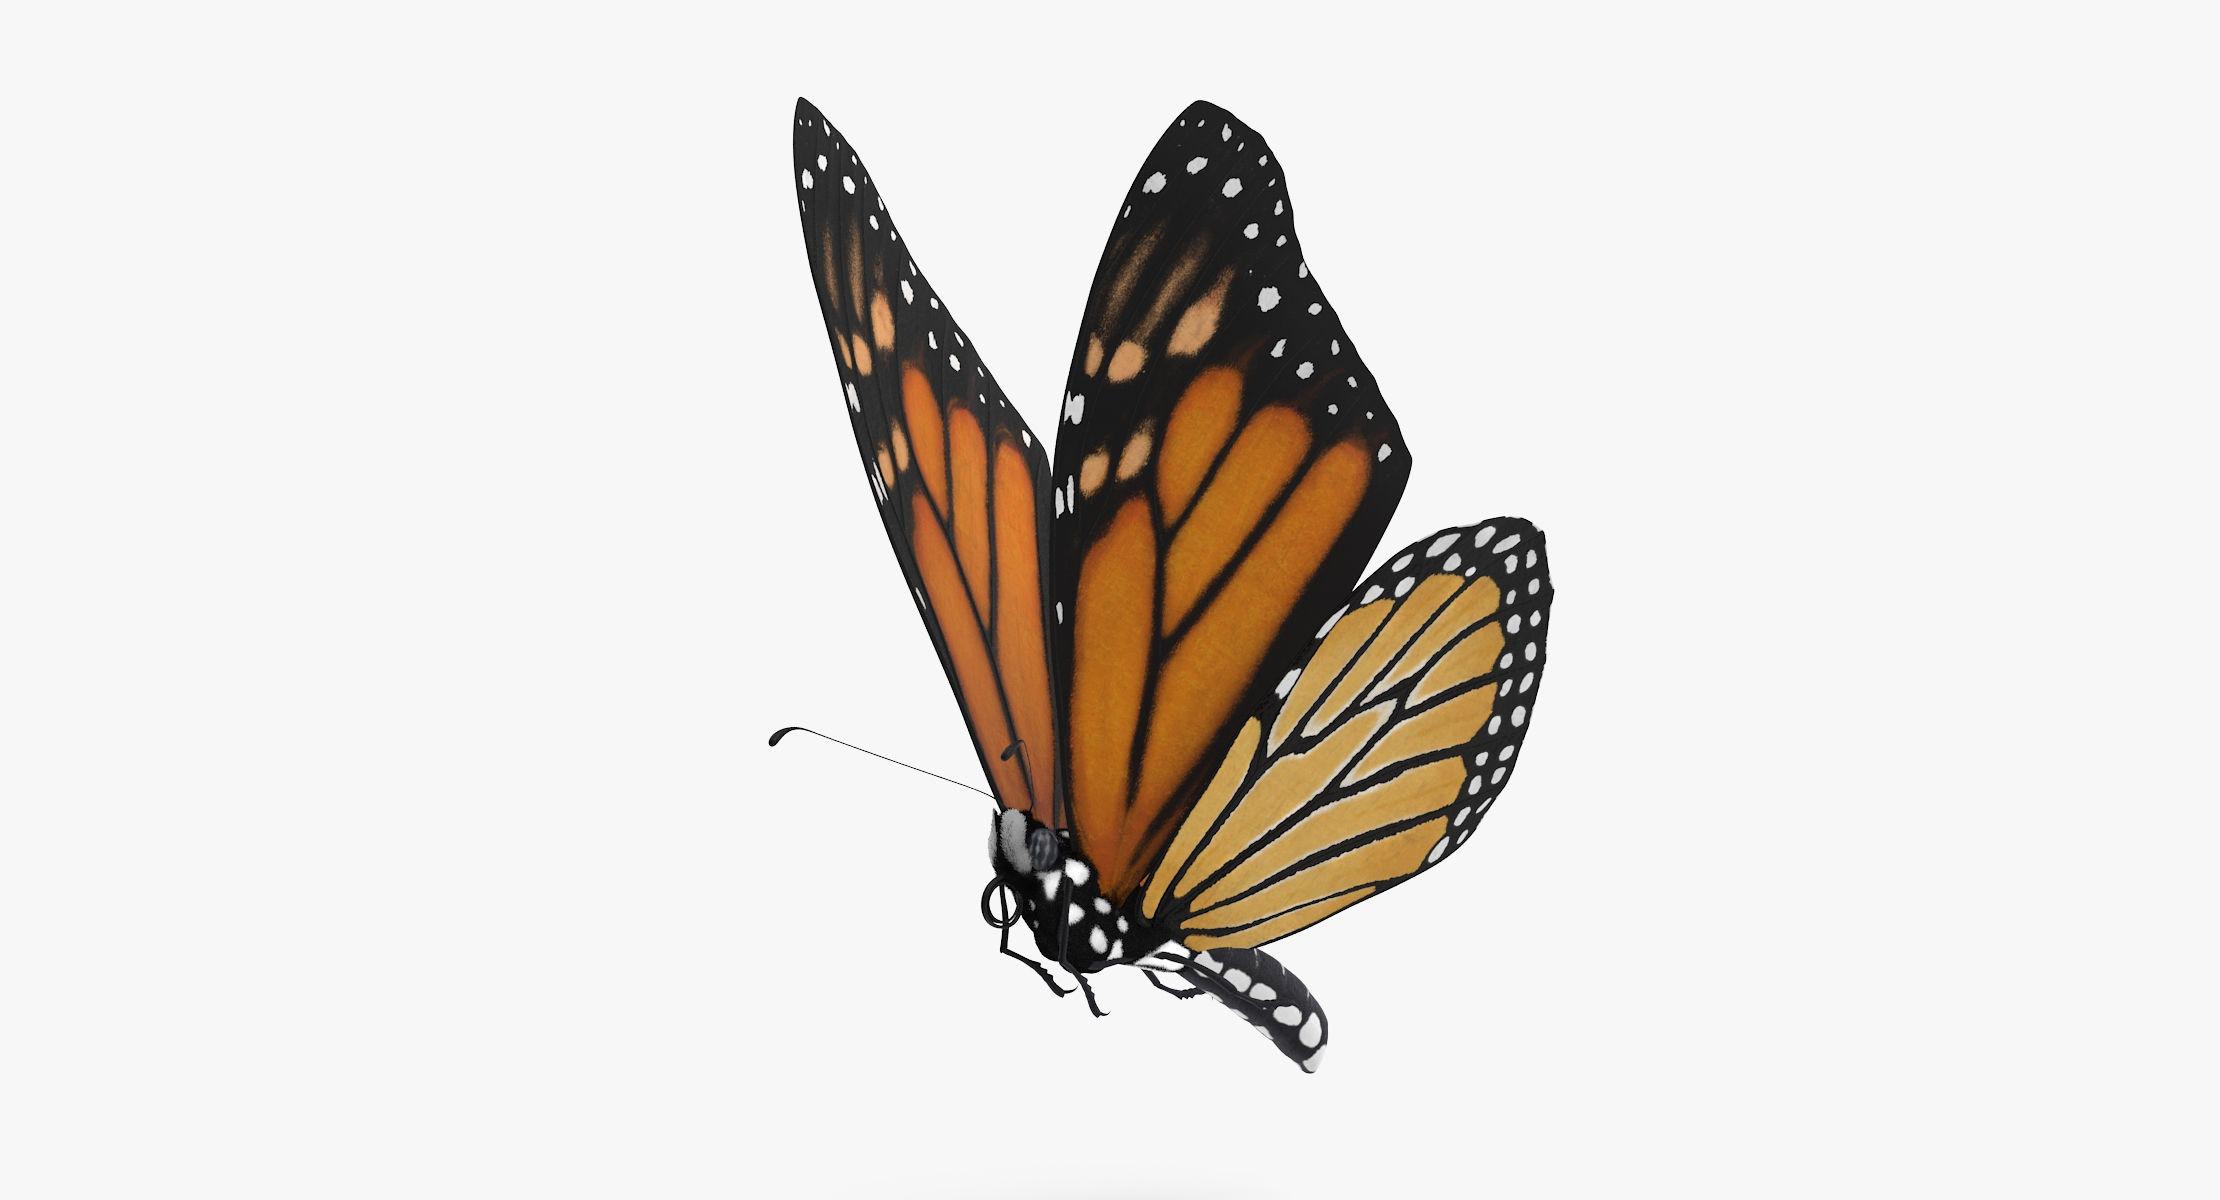 Monarch Butterfly Flying - reel 1